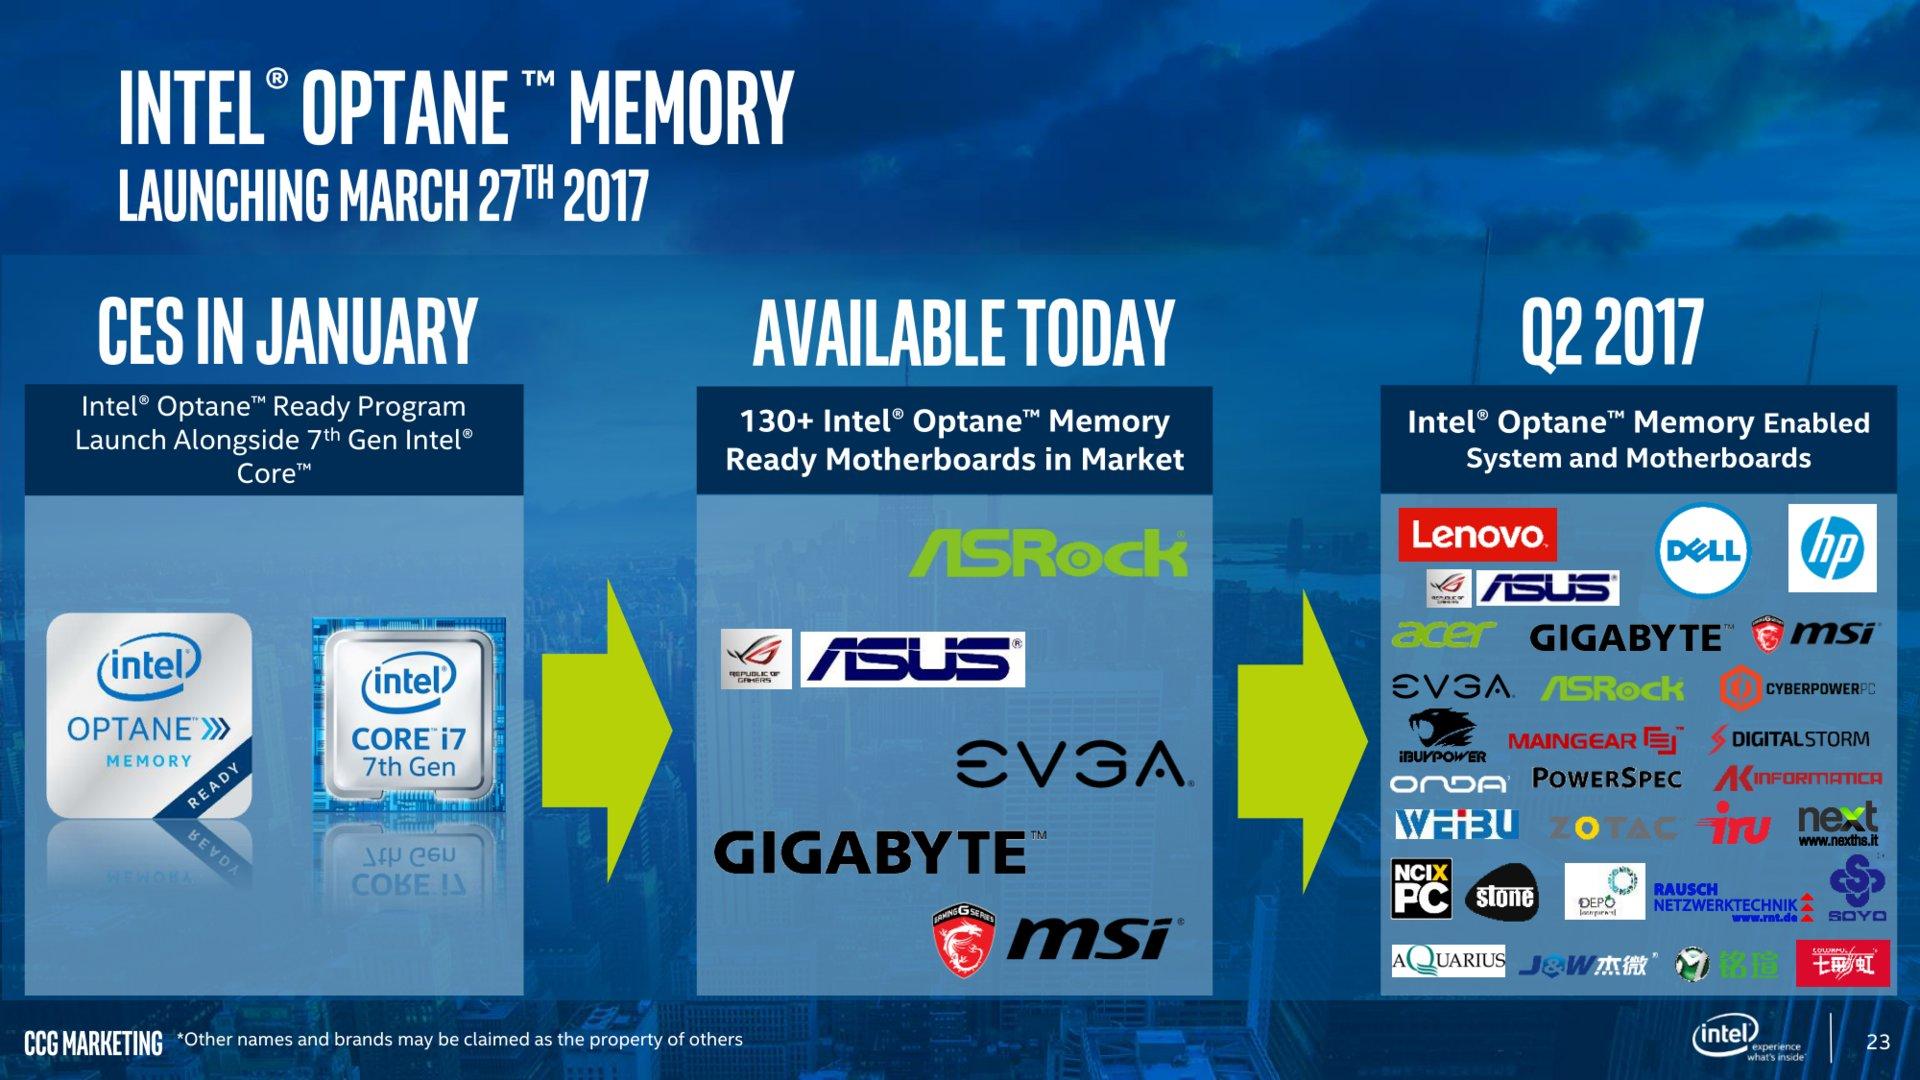 Ende März fällt der Startschuss für weitere Plattformen mit Optane Memory